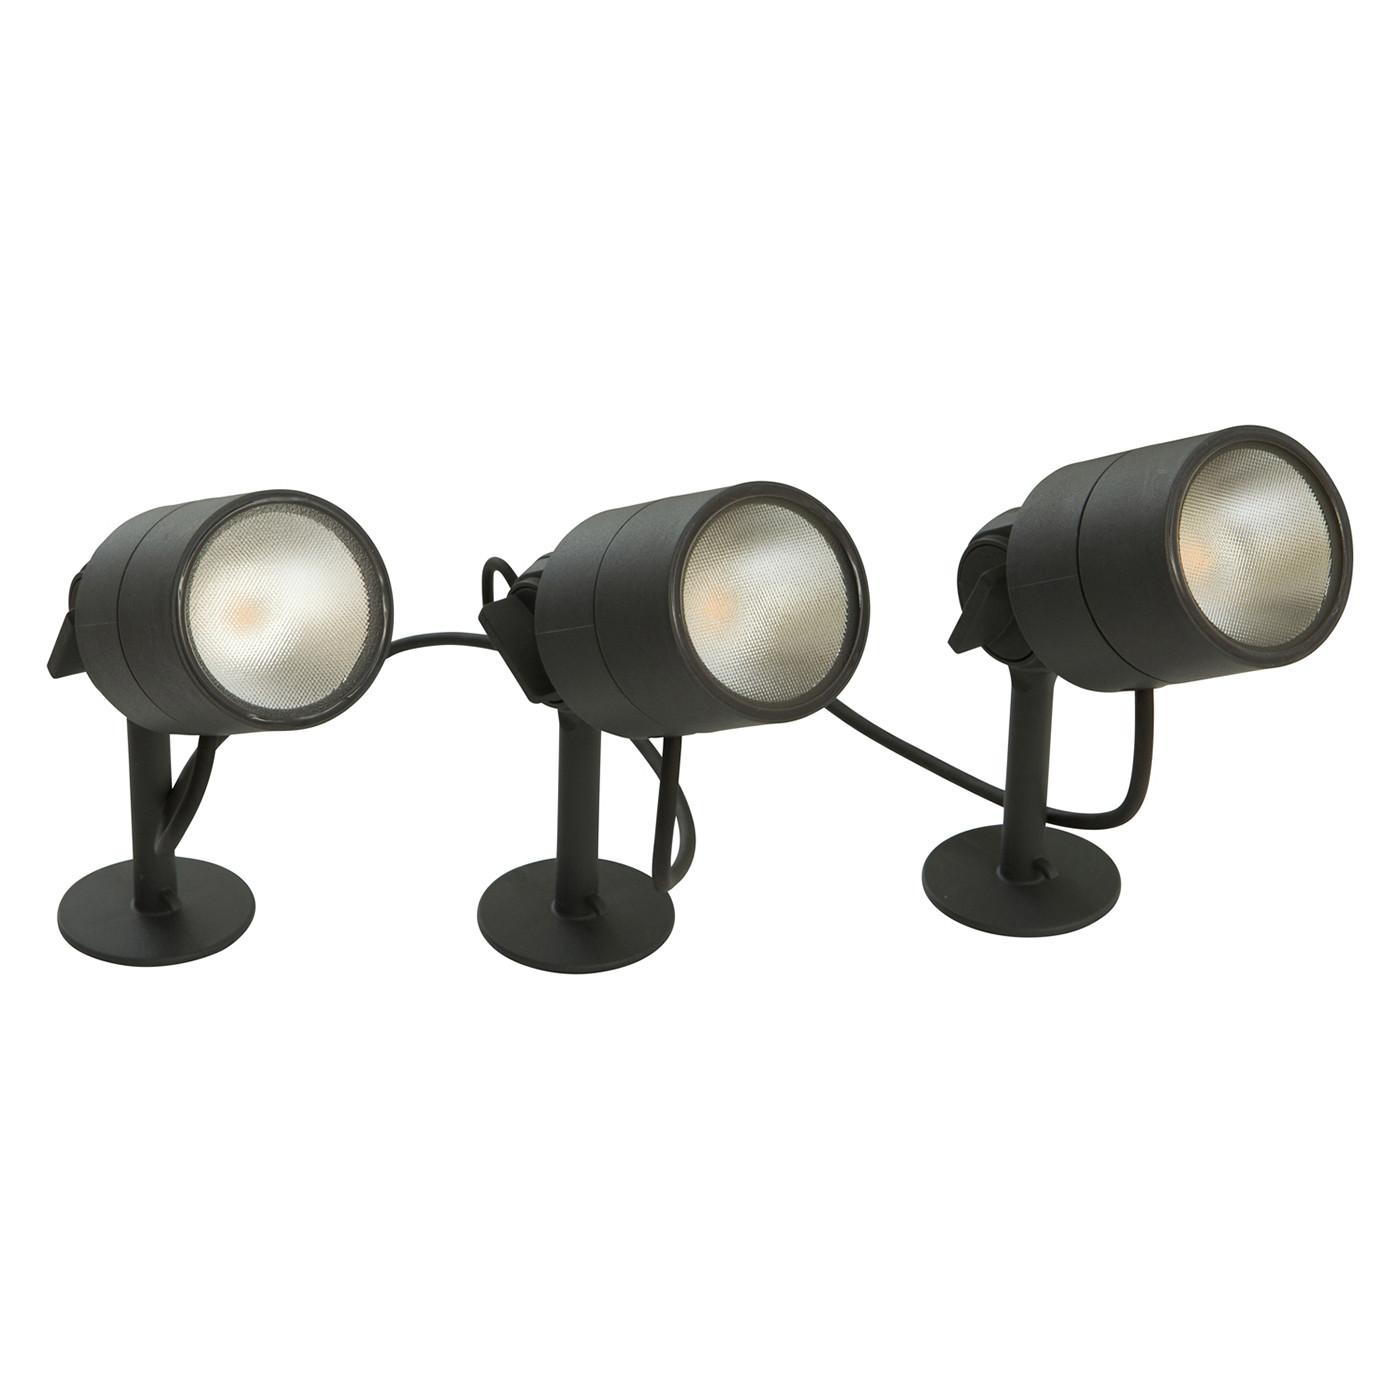 Bega 24366 LED-Gartenscheinwerfer 3er Set